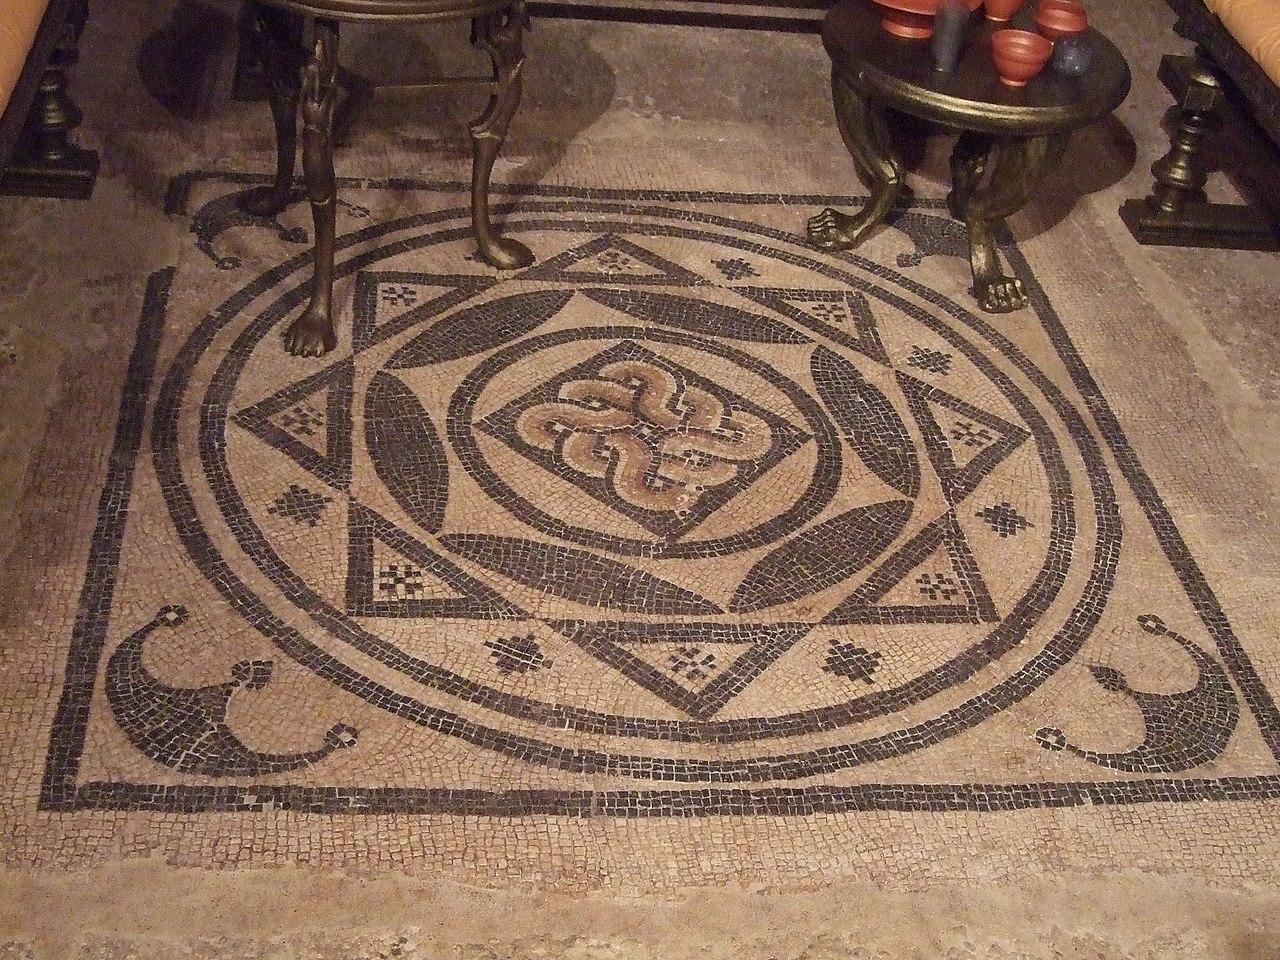 File:Zaragoza Museo Triclinio De La Calle Añón Mosaico.jpg  #996332 1280 960 Sala Da Pranzo Del Convento Nome